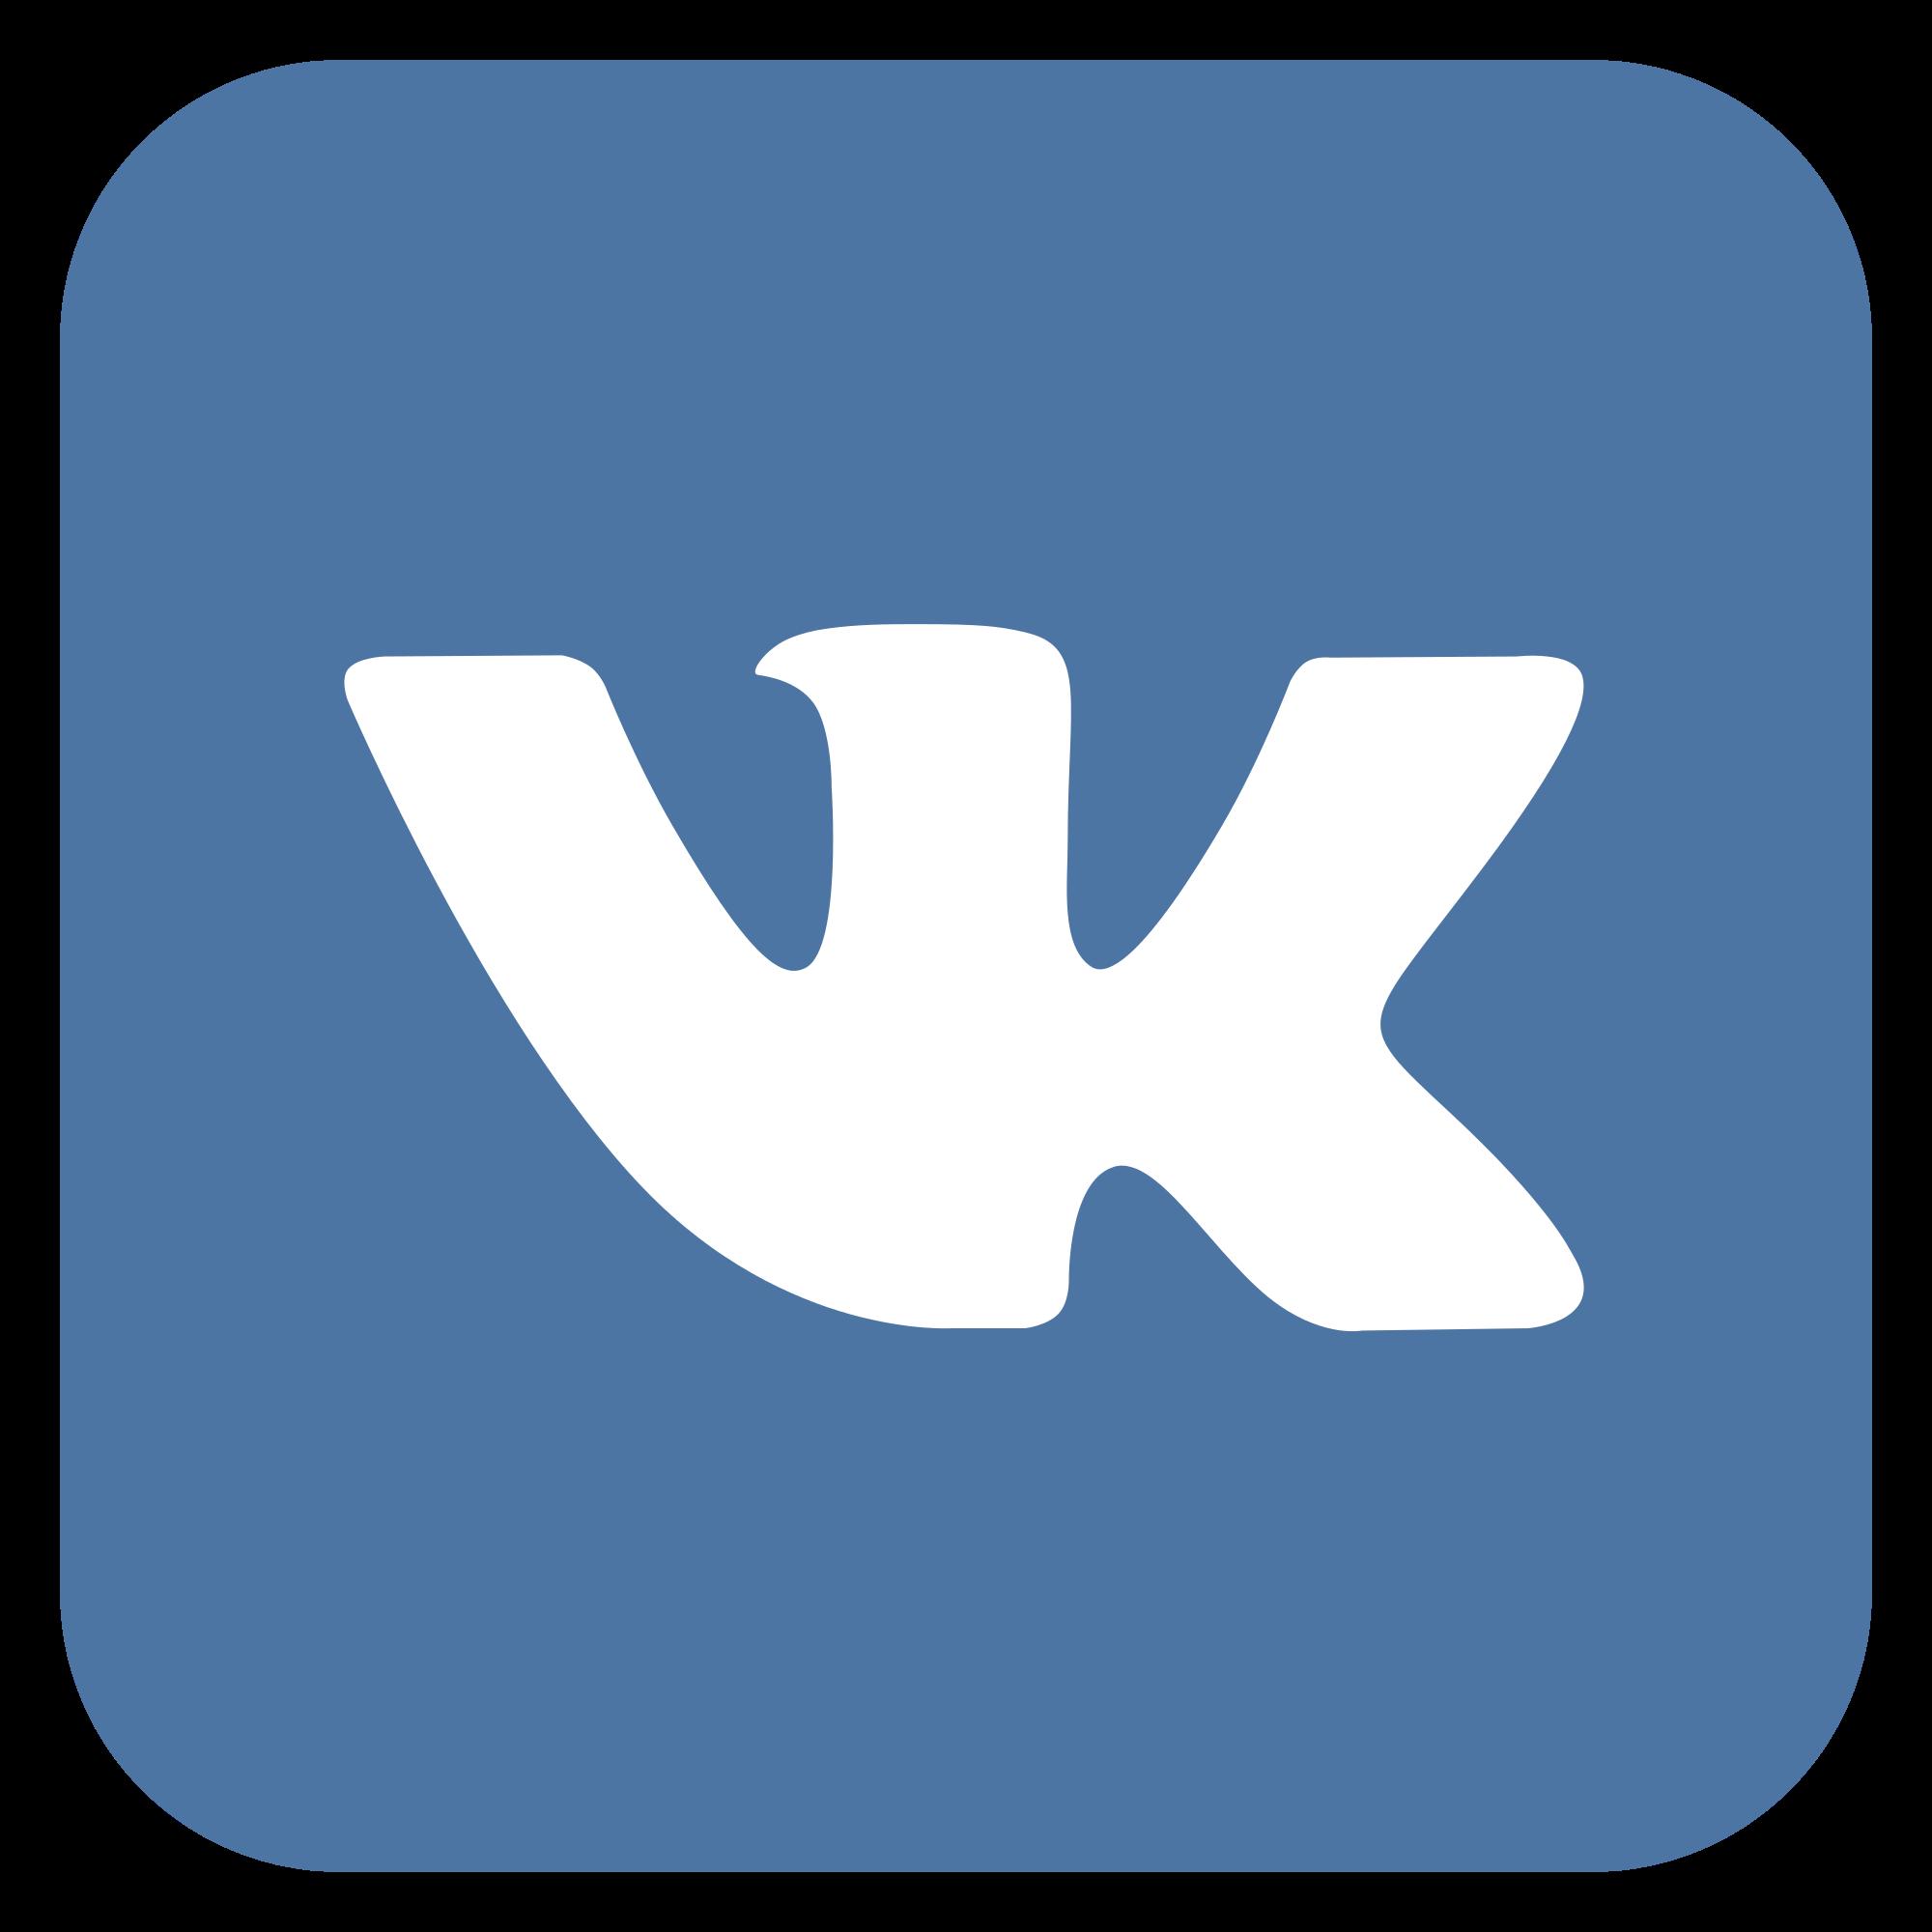 Логотип ВКонтакте квадратный